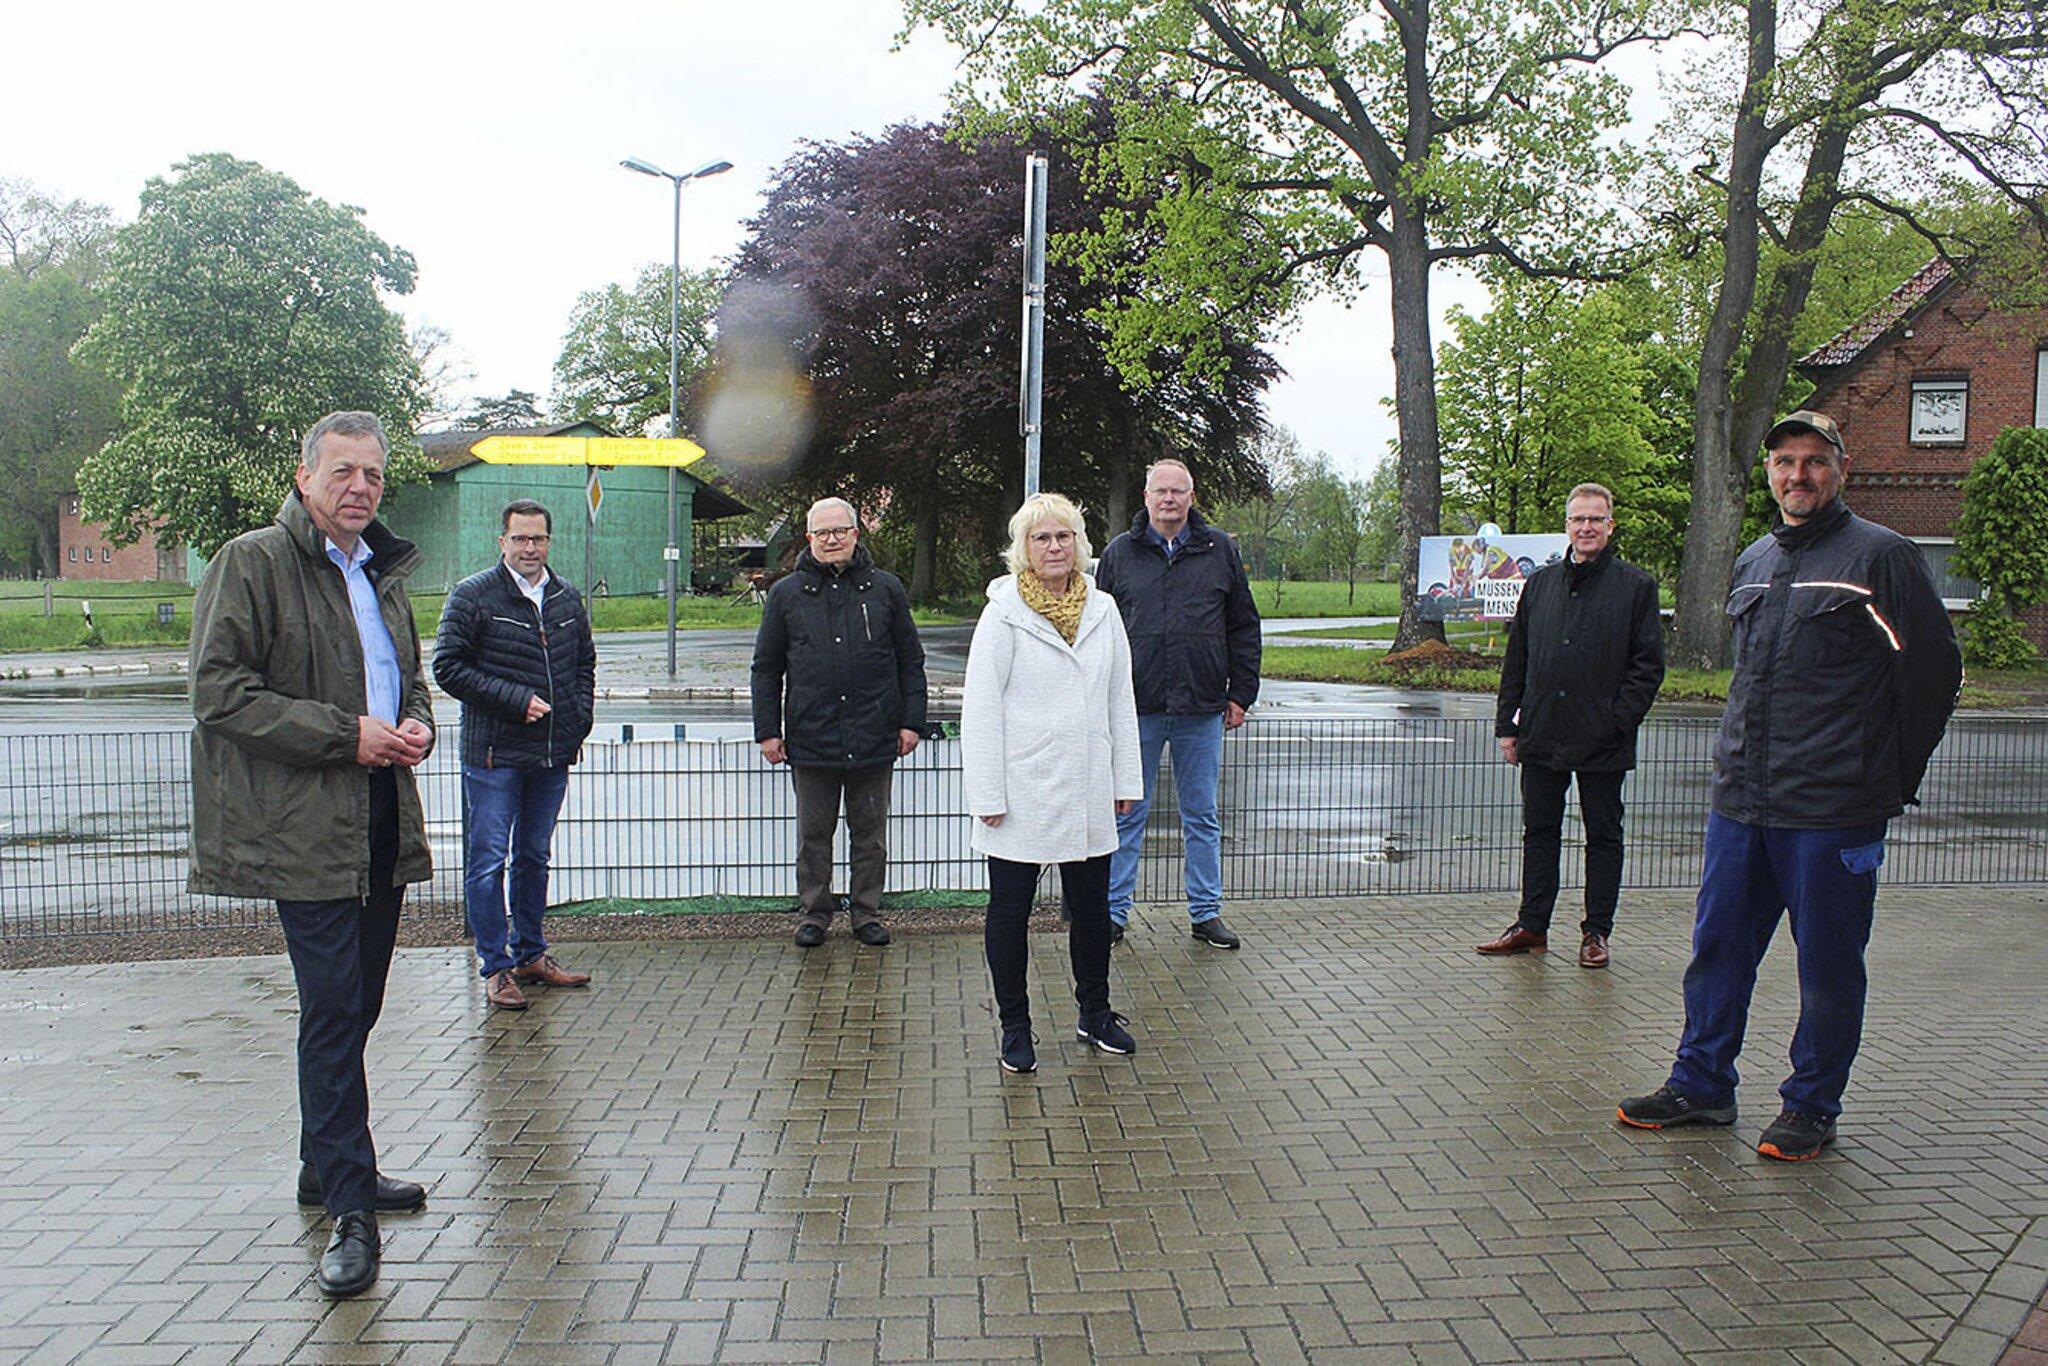 Beim Vor-Ort-Termin in Revenahe sagten zwei  CDU-Landtagsabgeordnete ihre Unterstützung zu                                                                  Revenaher Bürger kämpfen für den Kreisel